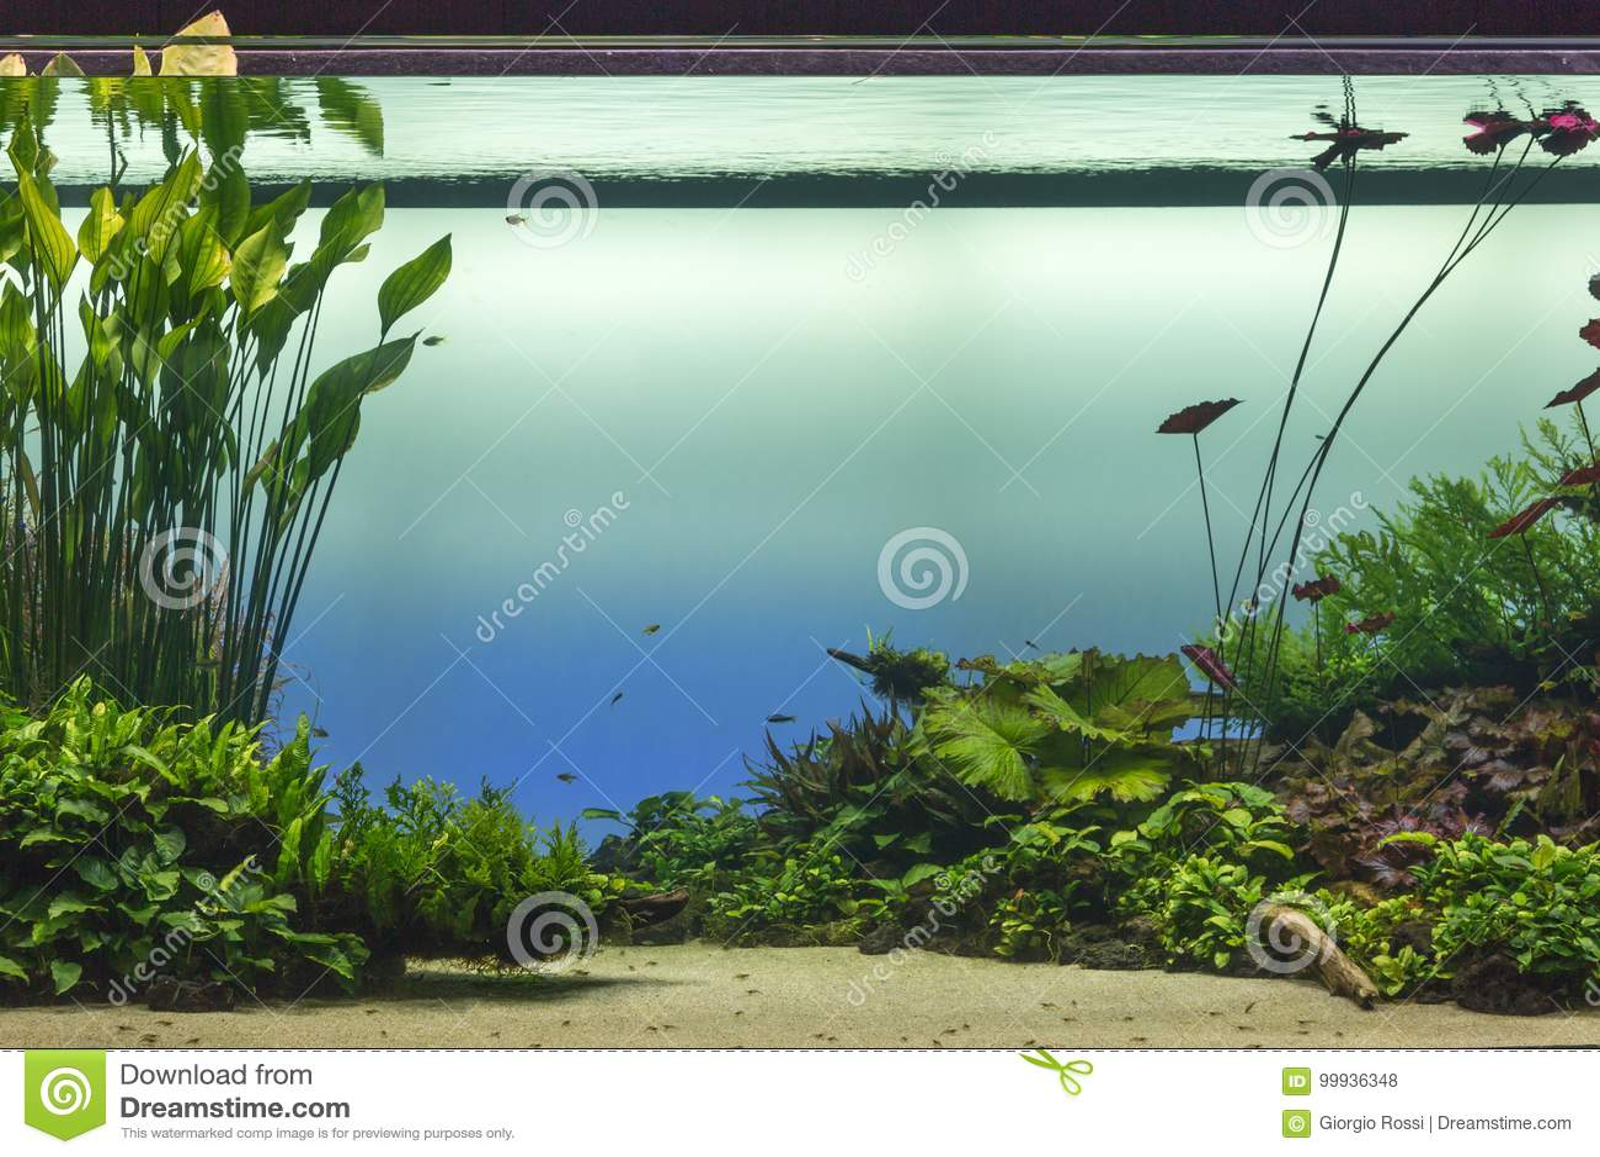 Schönes tropisches Frischwasseraquarium mit Grünpflanzen und Fis